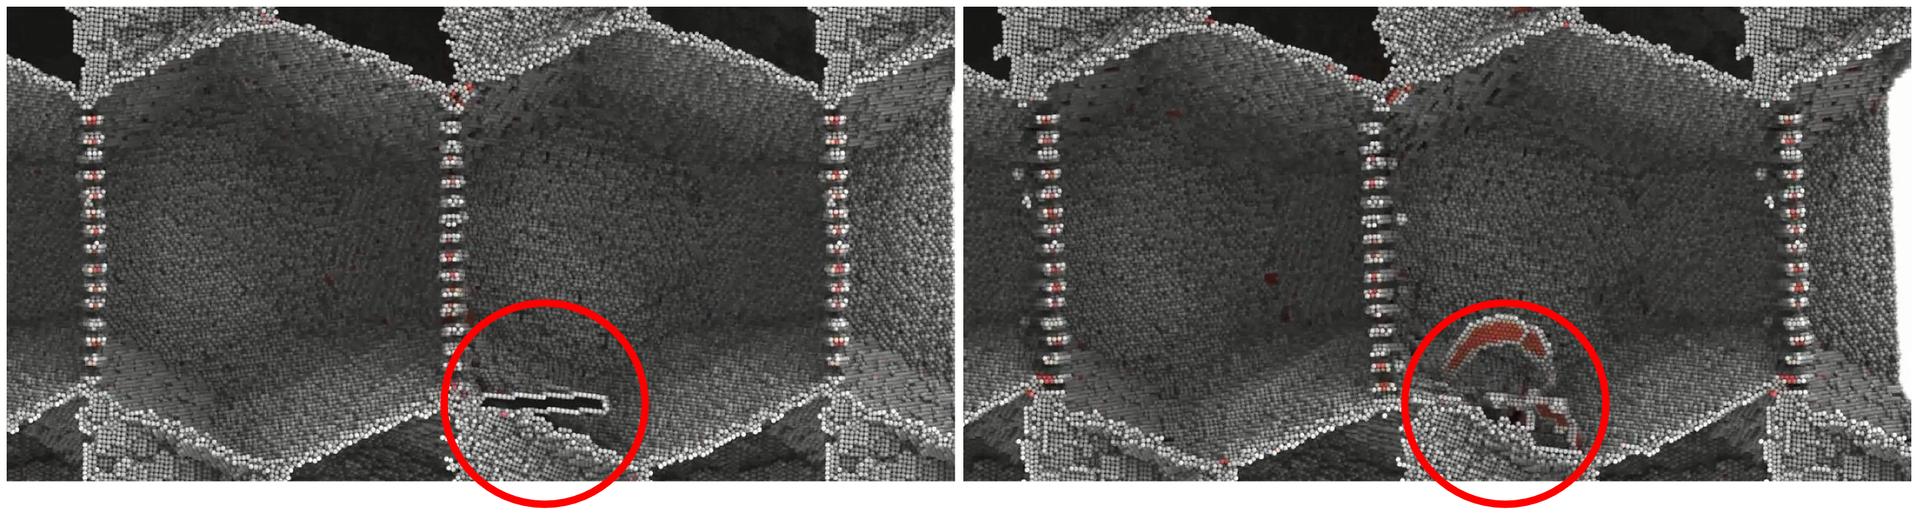 Ilustracja przedstawia symulację obrazu mikroskopowego uszkodzonego kawałka metalu. Obraz ten przypomina wyglądem fragment plastra miodu, złożonego zkulistych cząstek. Na zdjęciu zlewej strony wdolnej części kadru prezentowany jest zaznaczony czerwonym okręgiem fragment zprzerwą wstrukturze metalu. Na zdjęciu po prawej stronie ten sam zaznaczony fragment uległ zasklepieniu zwykorzystaniem otaczających go cząstek.